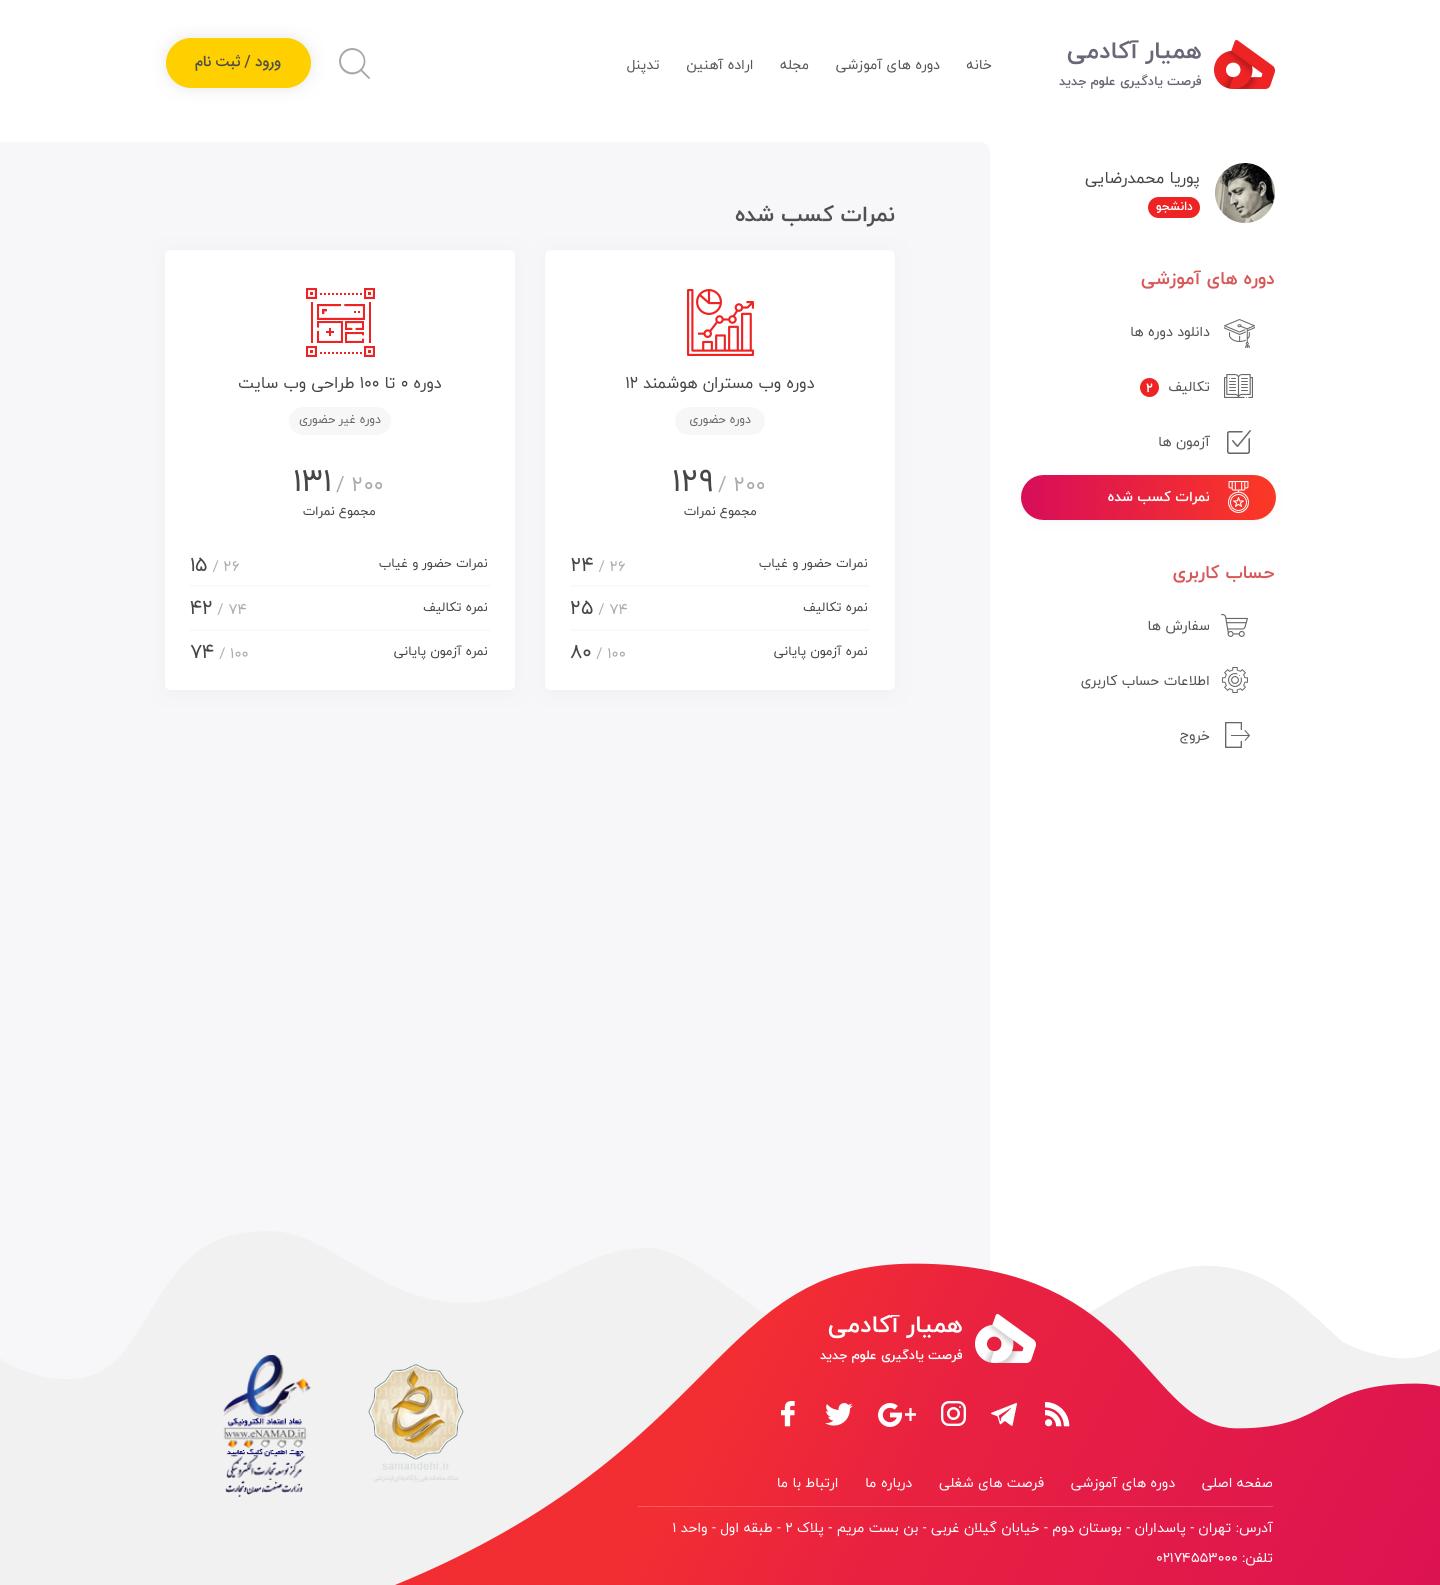 Hamyar dashboard course score